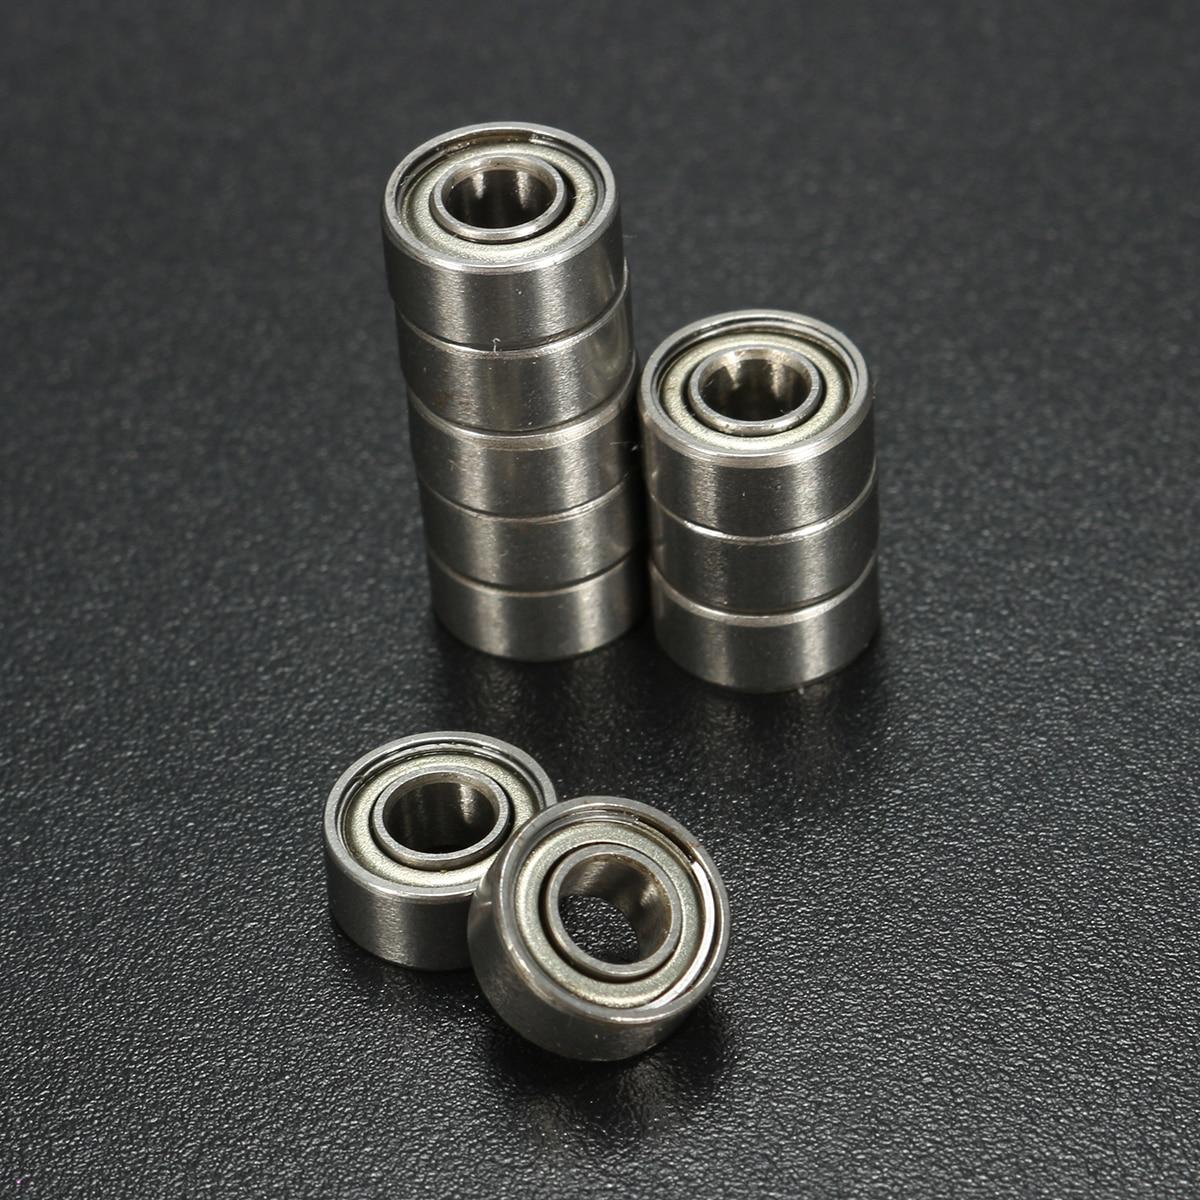 10 PCS/set Miniature 684ZZ 4*9*4 mm Ball Bearings Motor Quadcopter Bearing steel все цены